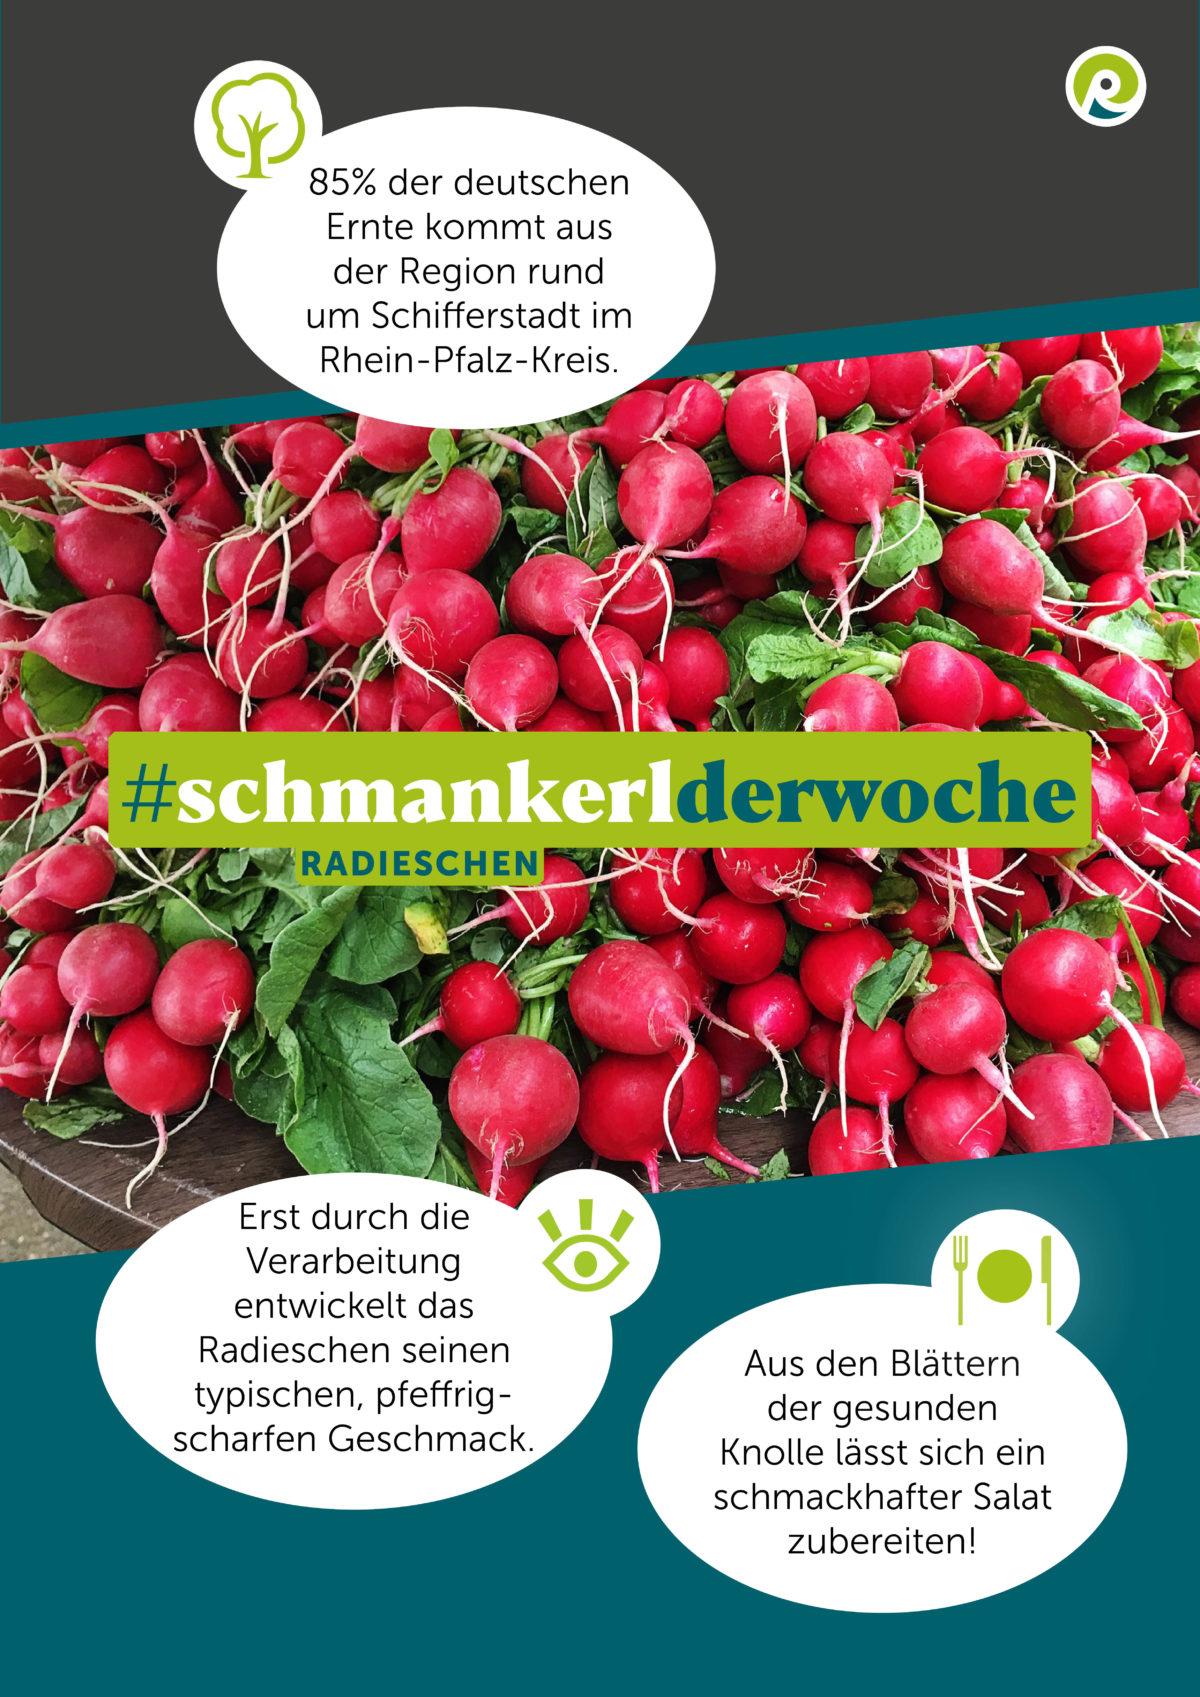 Regiothek-Infografik zum Schmankerl der Woche: Radieschen